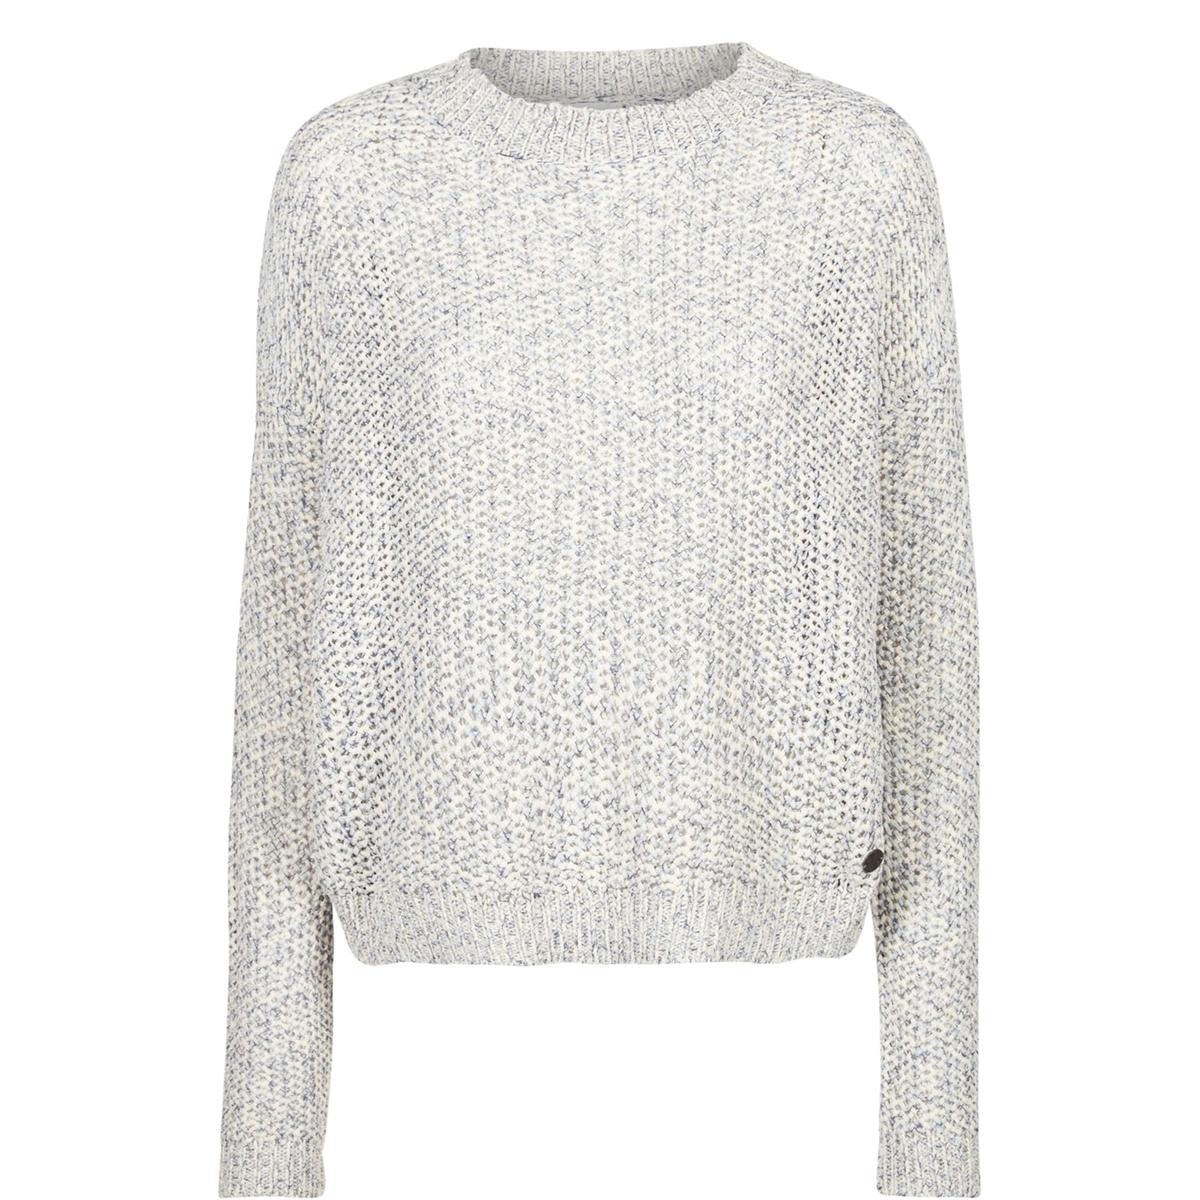 Пуловер из ажурного трикотажа с длинными рукавамиДетали   •  Классический пуловер  •  Длинные рукава  •  Круглый вырез  •  Плотный трикотаж Состав и уход  • 74% хлопка, 26% полиэстера • Просьба следовать советам по уходу, указанным на этикетке изделия<br><br>Цвет: небесно-голубой<br>Размер: XL.M.XS.S